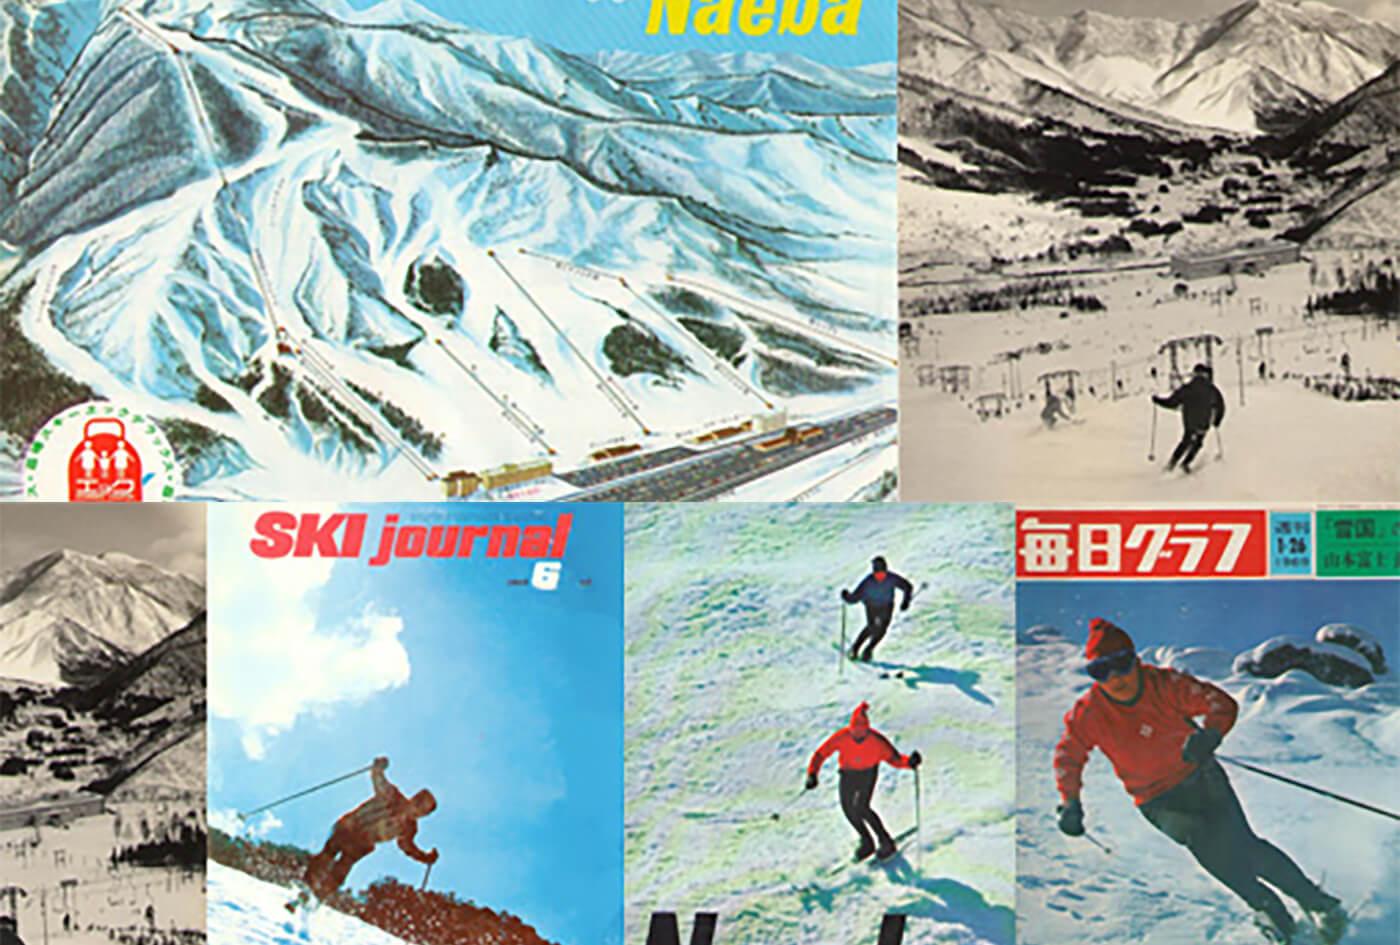 山荘ジュニアスキーキャンプ | 苗場スキー場